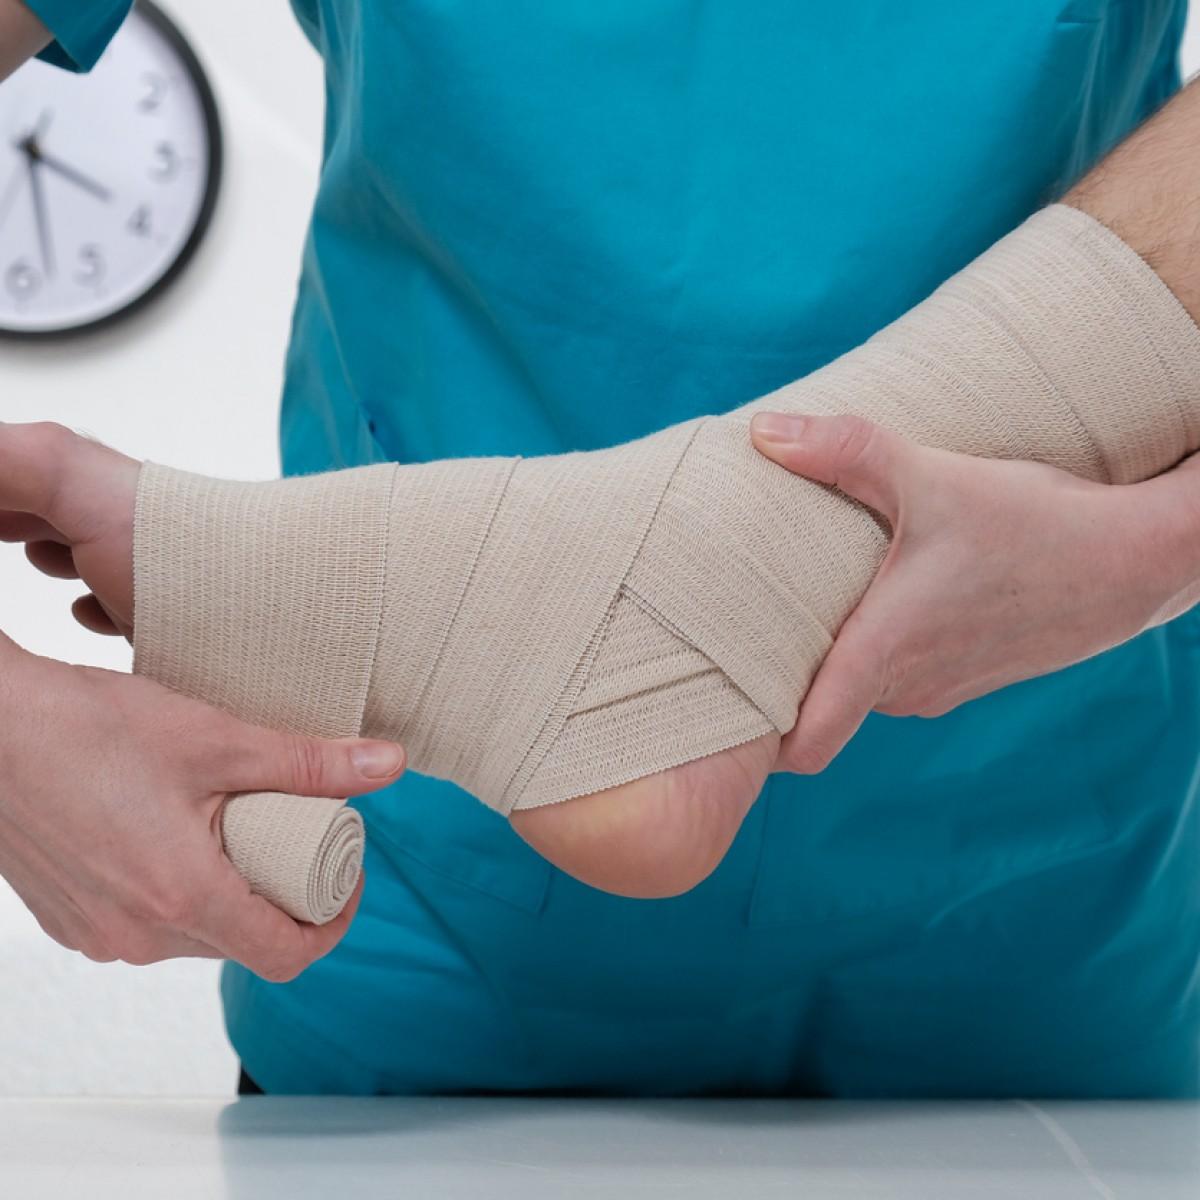 Cuidado de lesiones asociadas a presión sostenida